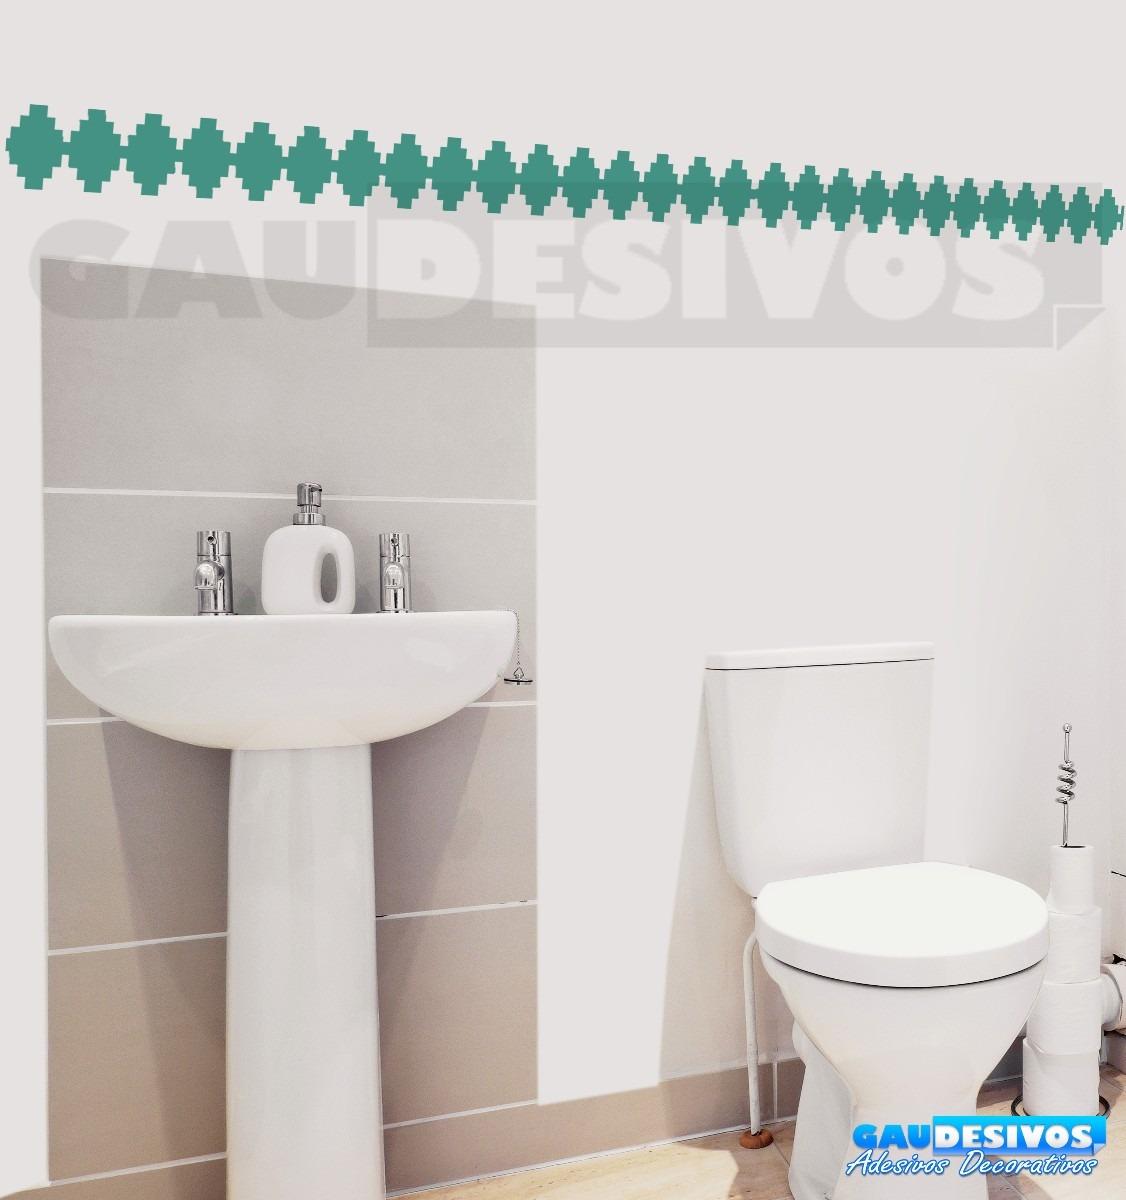 Adesivo Decorativo De Parede Faixa Border Azulejo Banheiro R$ 9 99  #0D6DBE 1126x1200 Azulejo Banheiro Parede